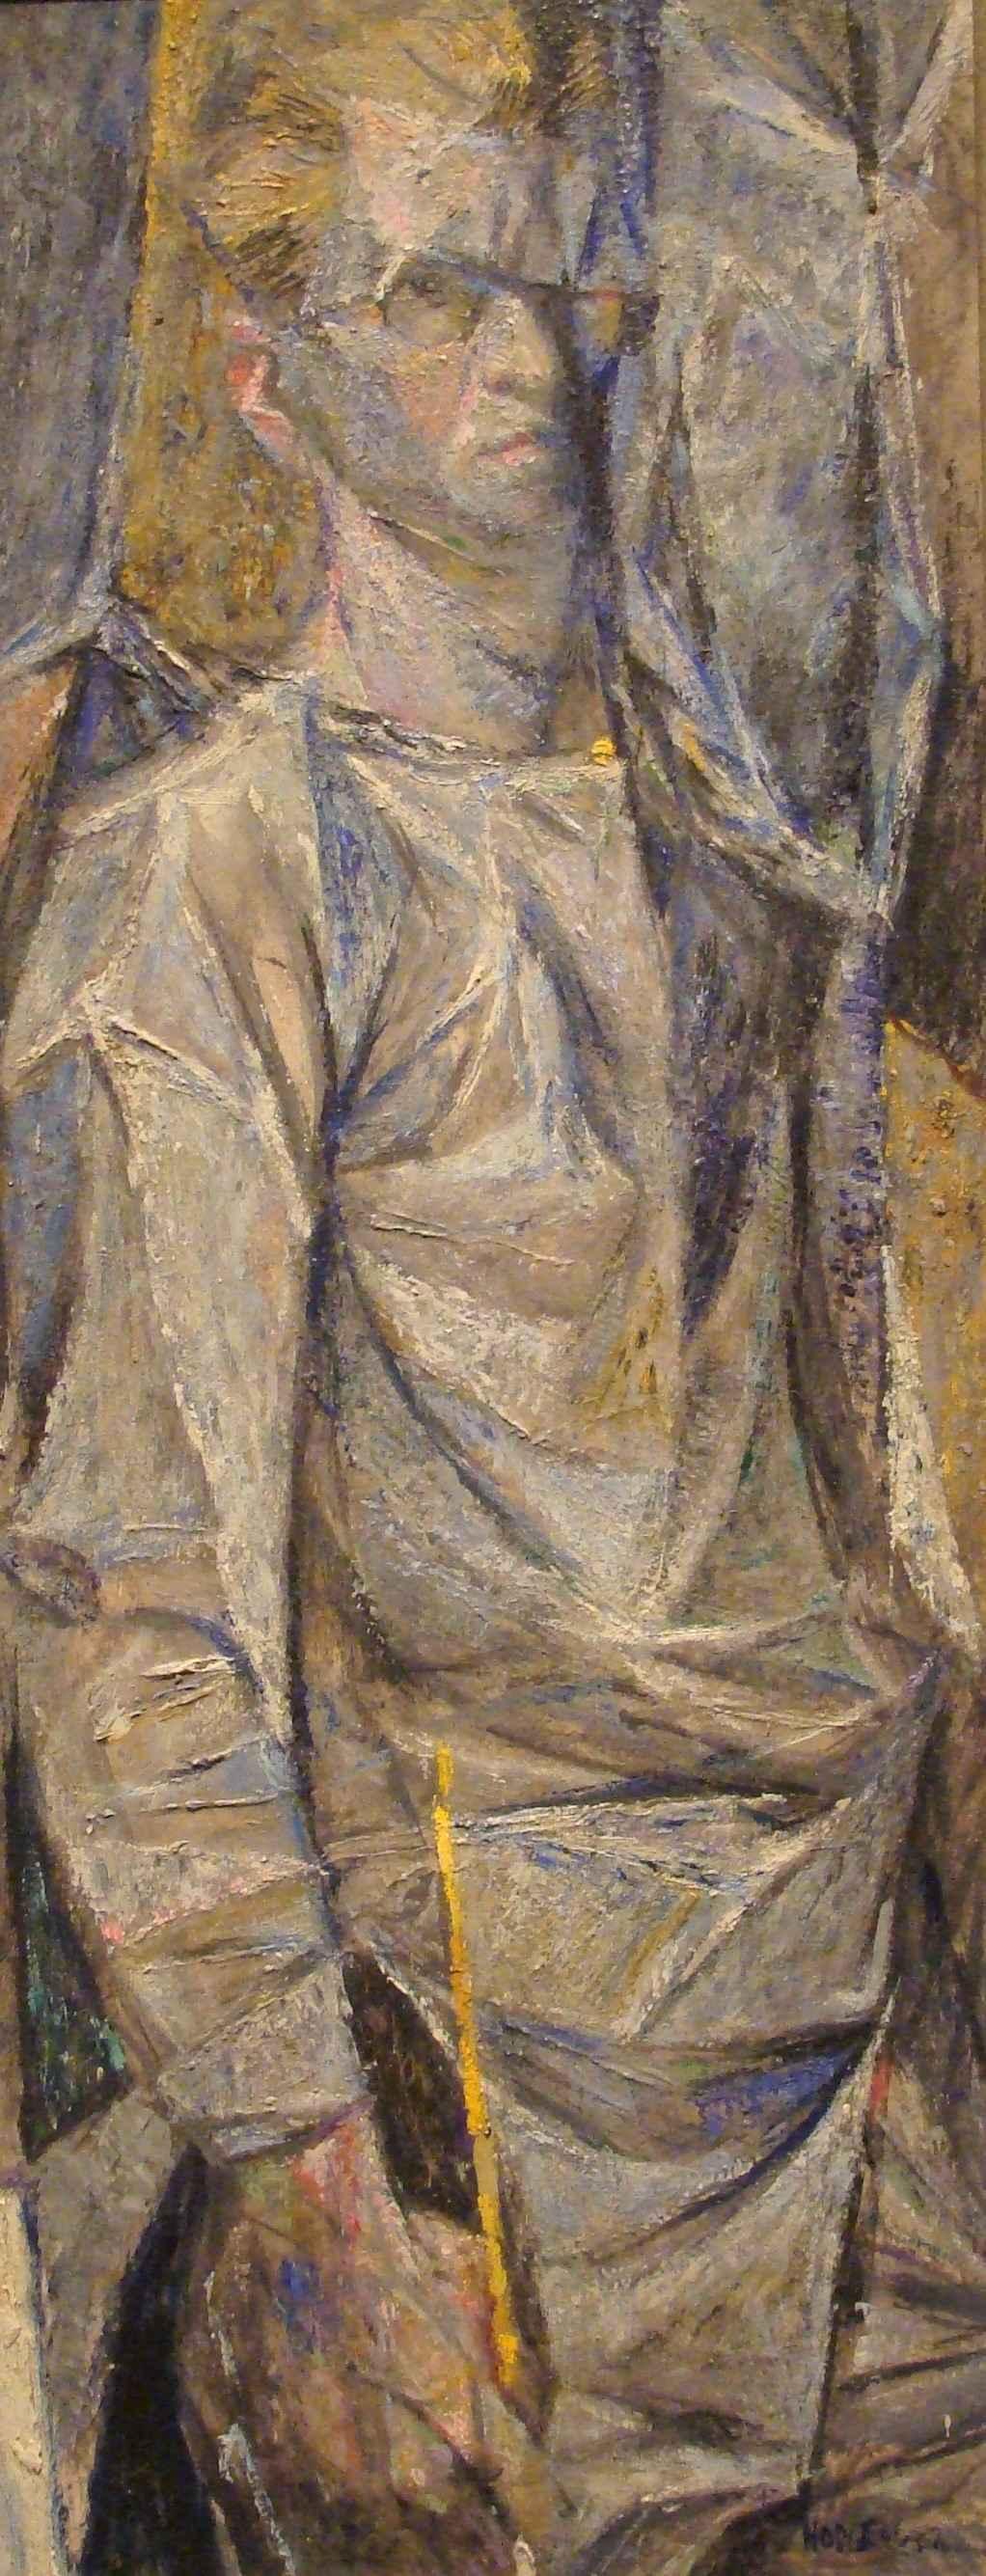 Self Portrait by Mr. Robert Hodgell - Masterpiece Online